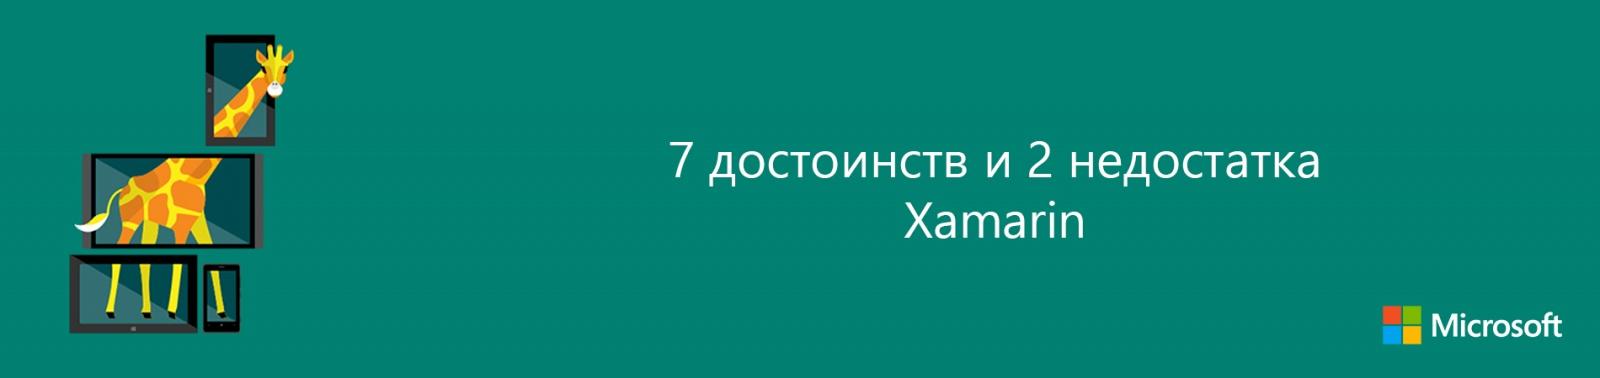 7 достоинств и 2 недостатка Xamarin - 1